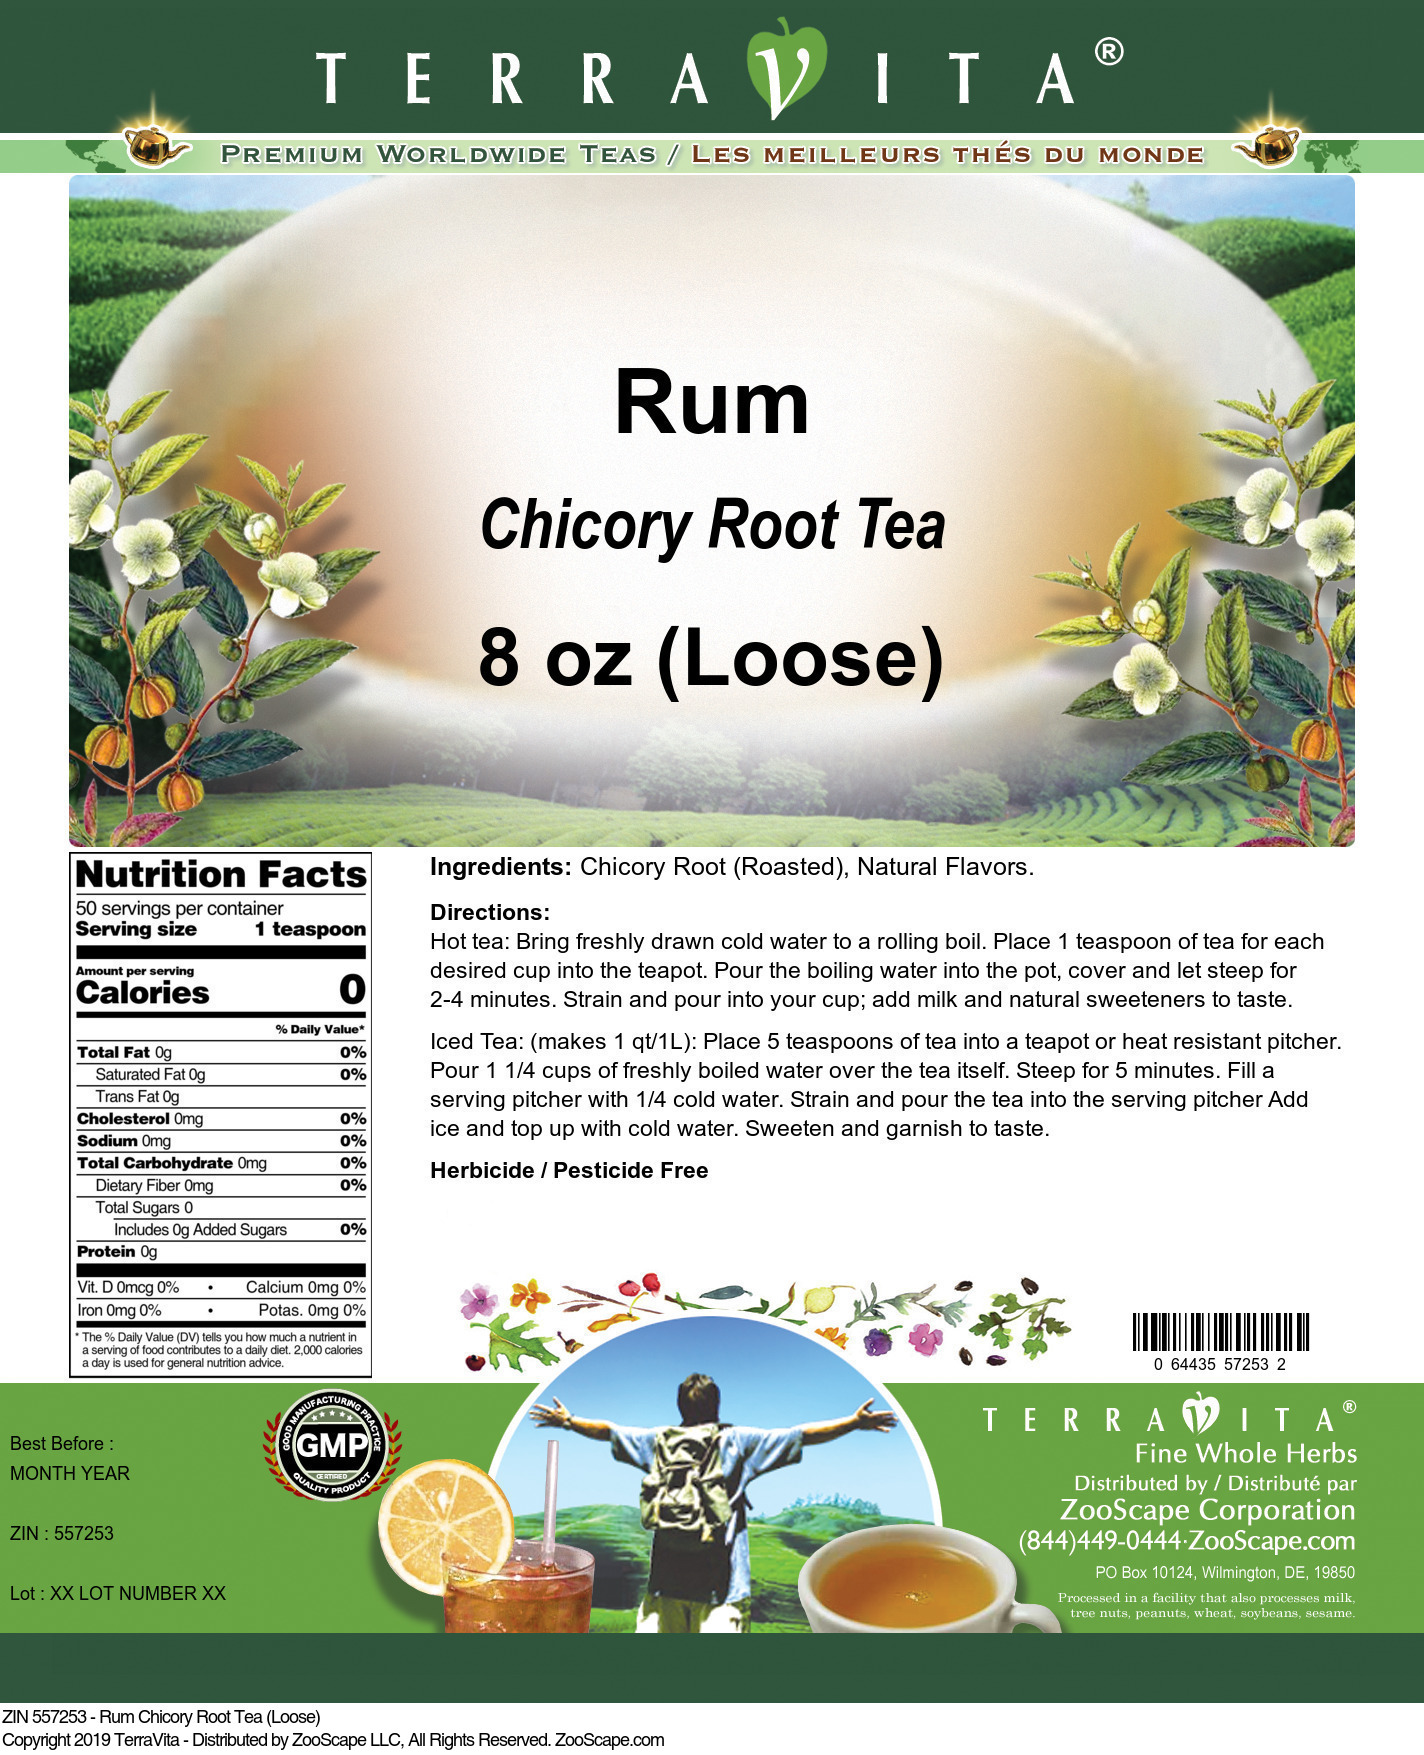 Rum Chicory Root